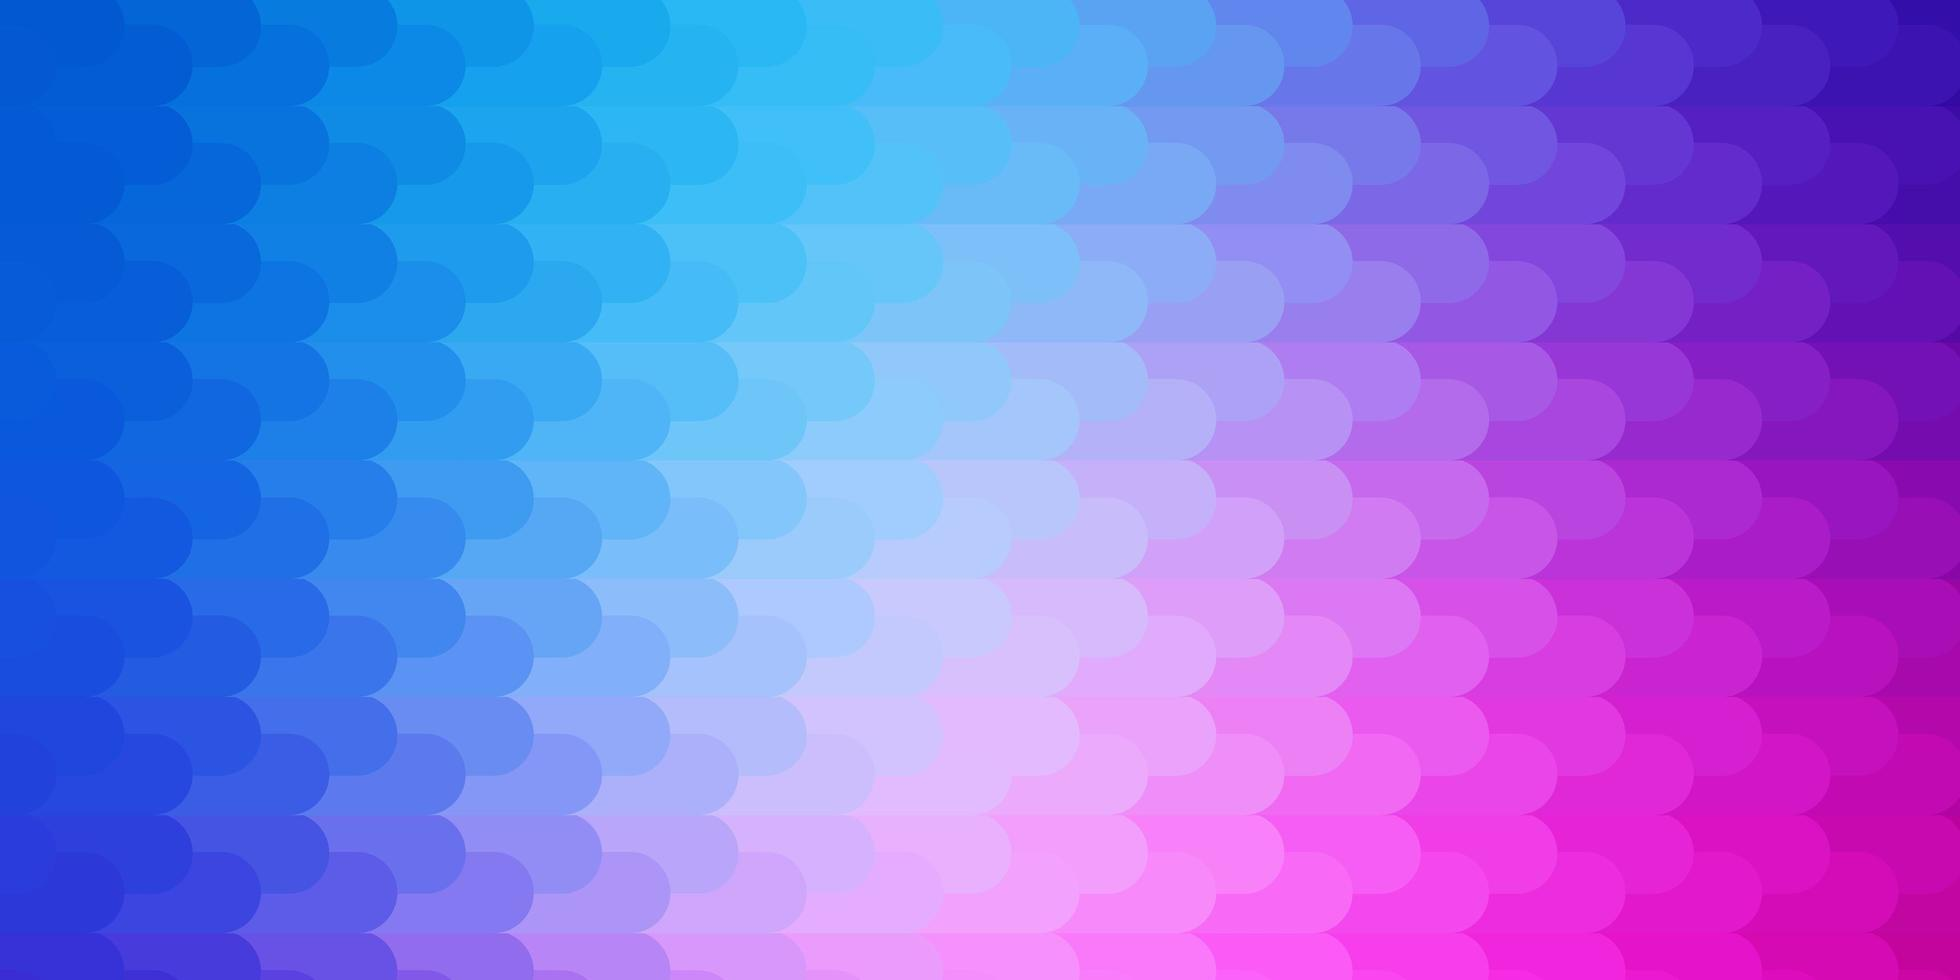 toile de fond de vecteur rose clair, bleu avec des lignes.